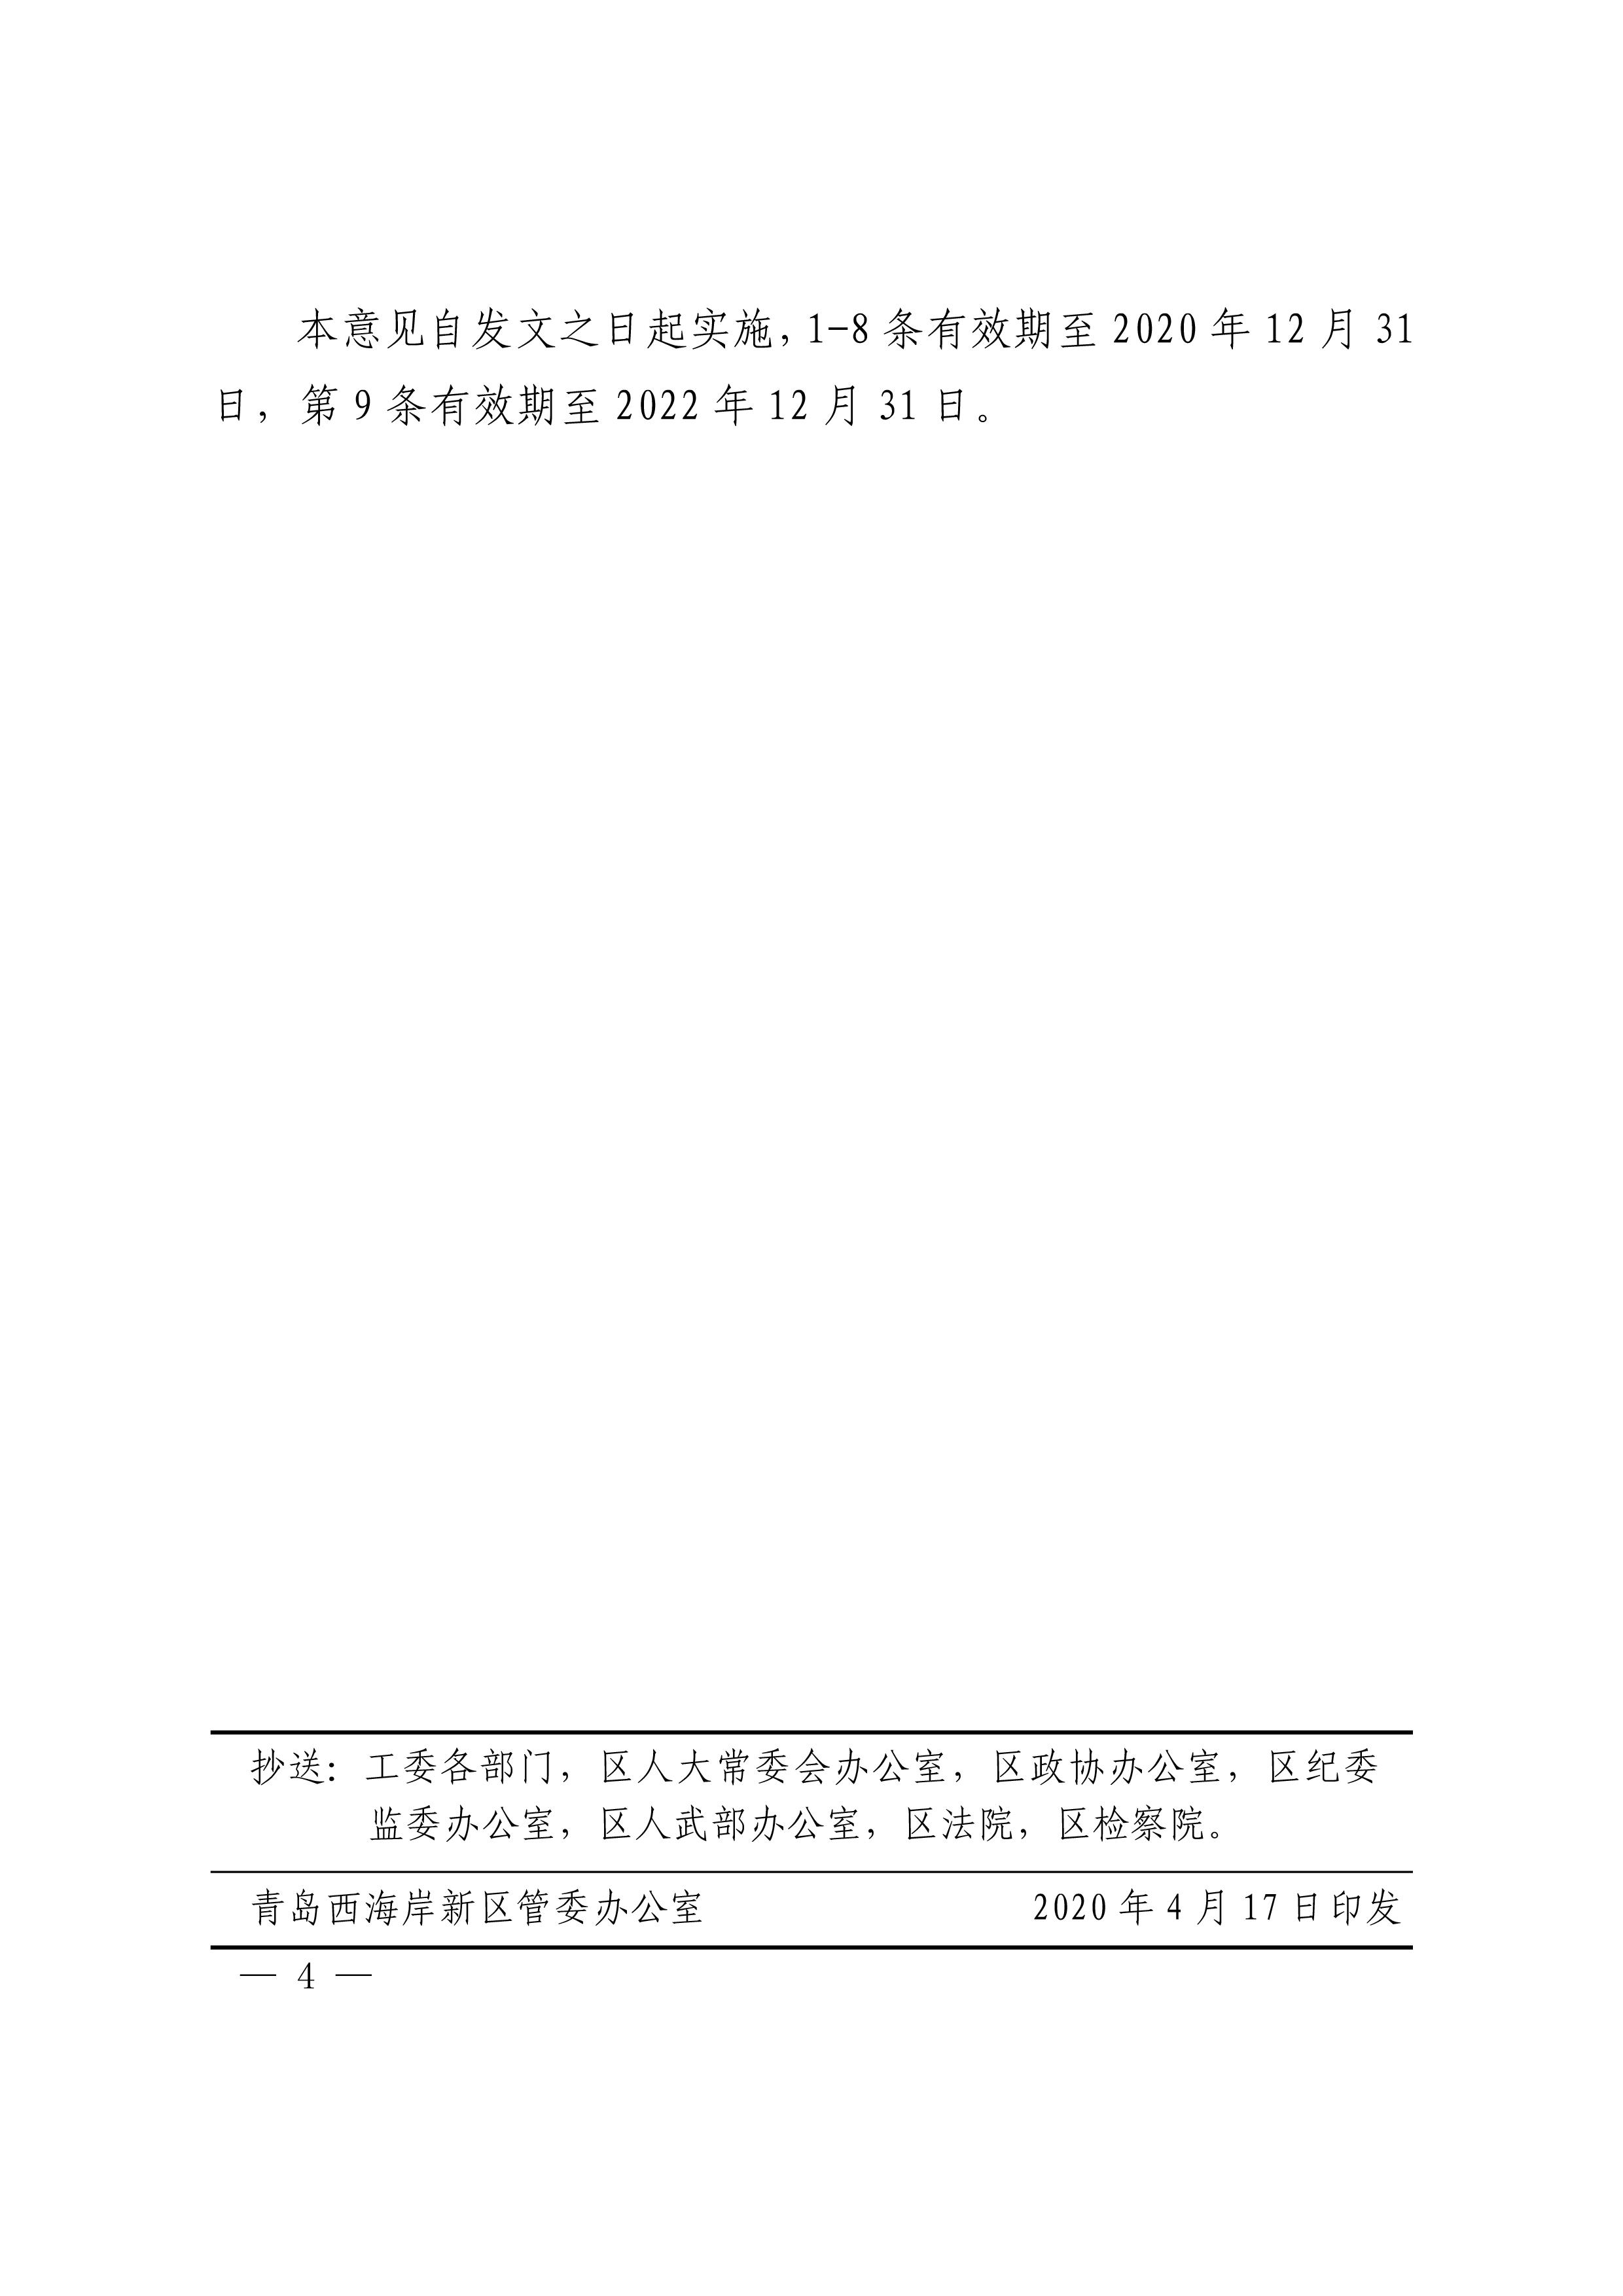 《青岛西海岸新区关于应对疫情支持会展业发展的实施意见》第4页